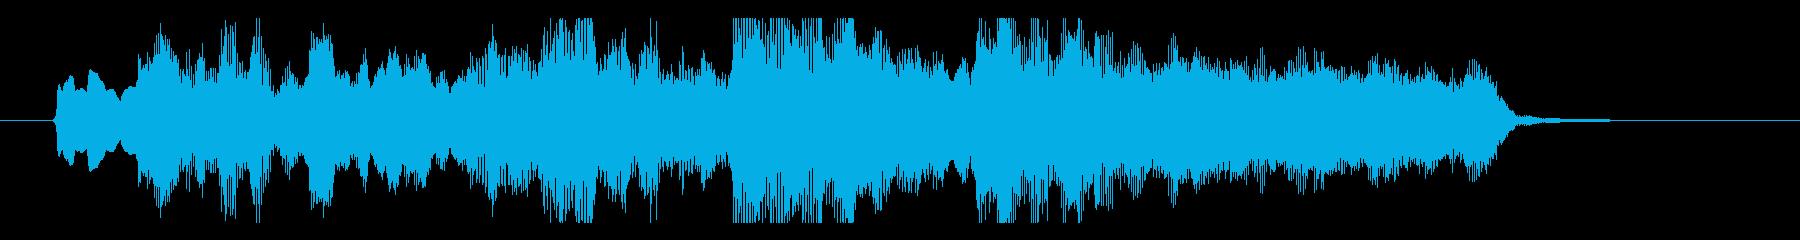 ストリングスメインの爽やかなアイキャッチの再生済みの波形